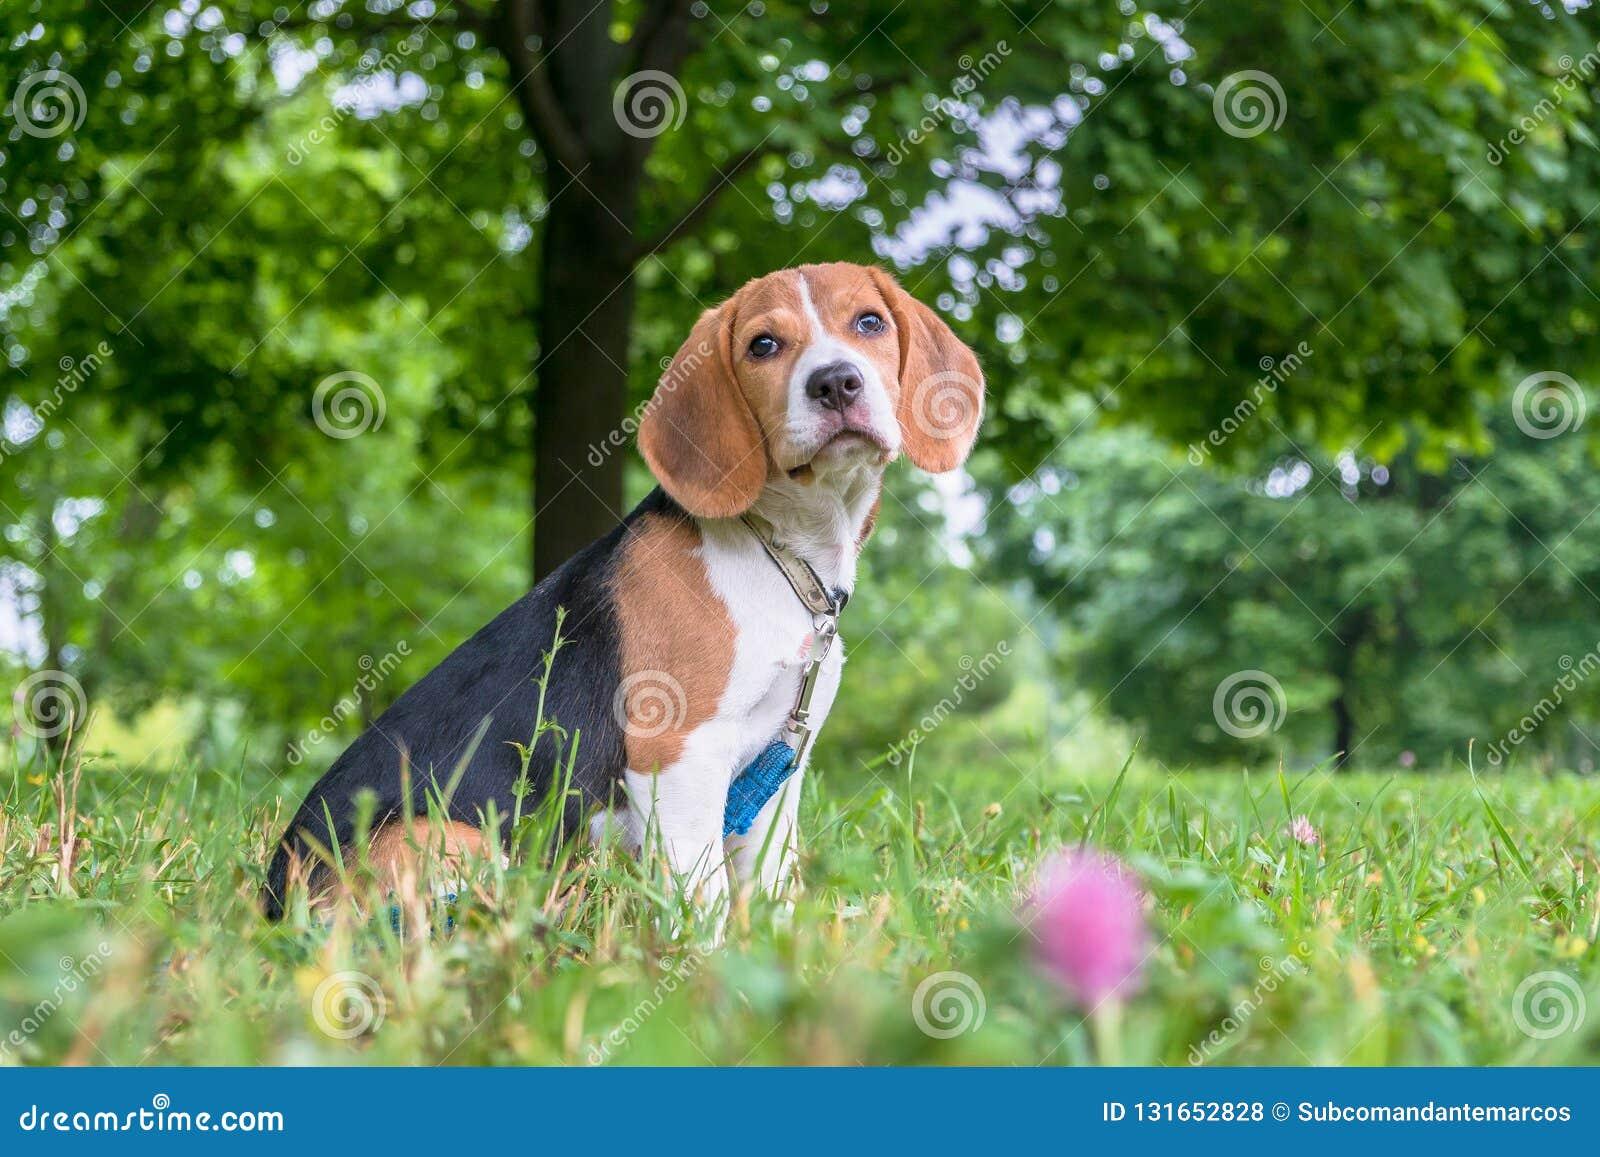 Een nadenkend Brakpuppy met een blauwe leiband op een gang in een stadspark Portret van een aardig puppy